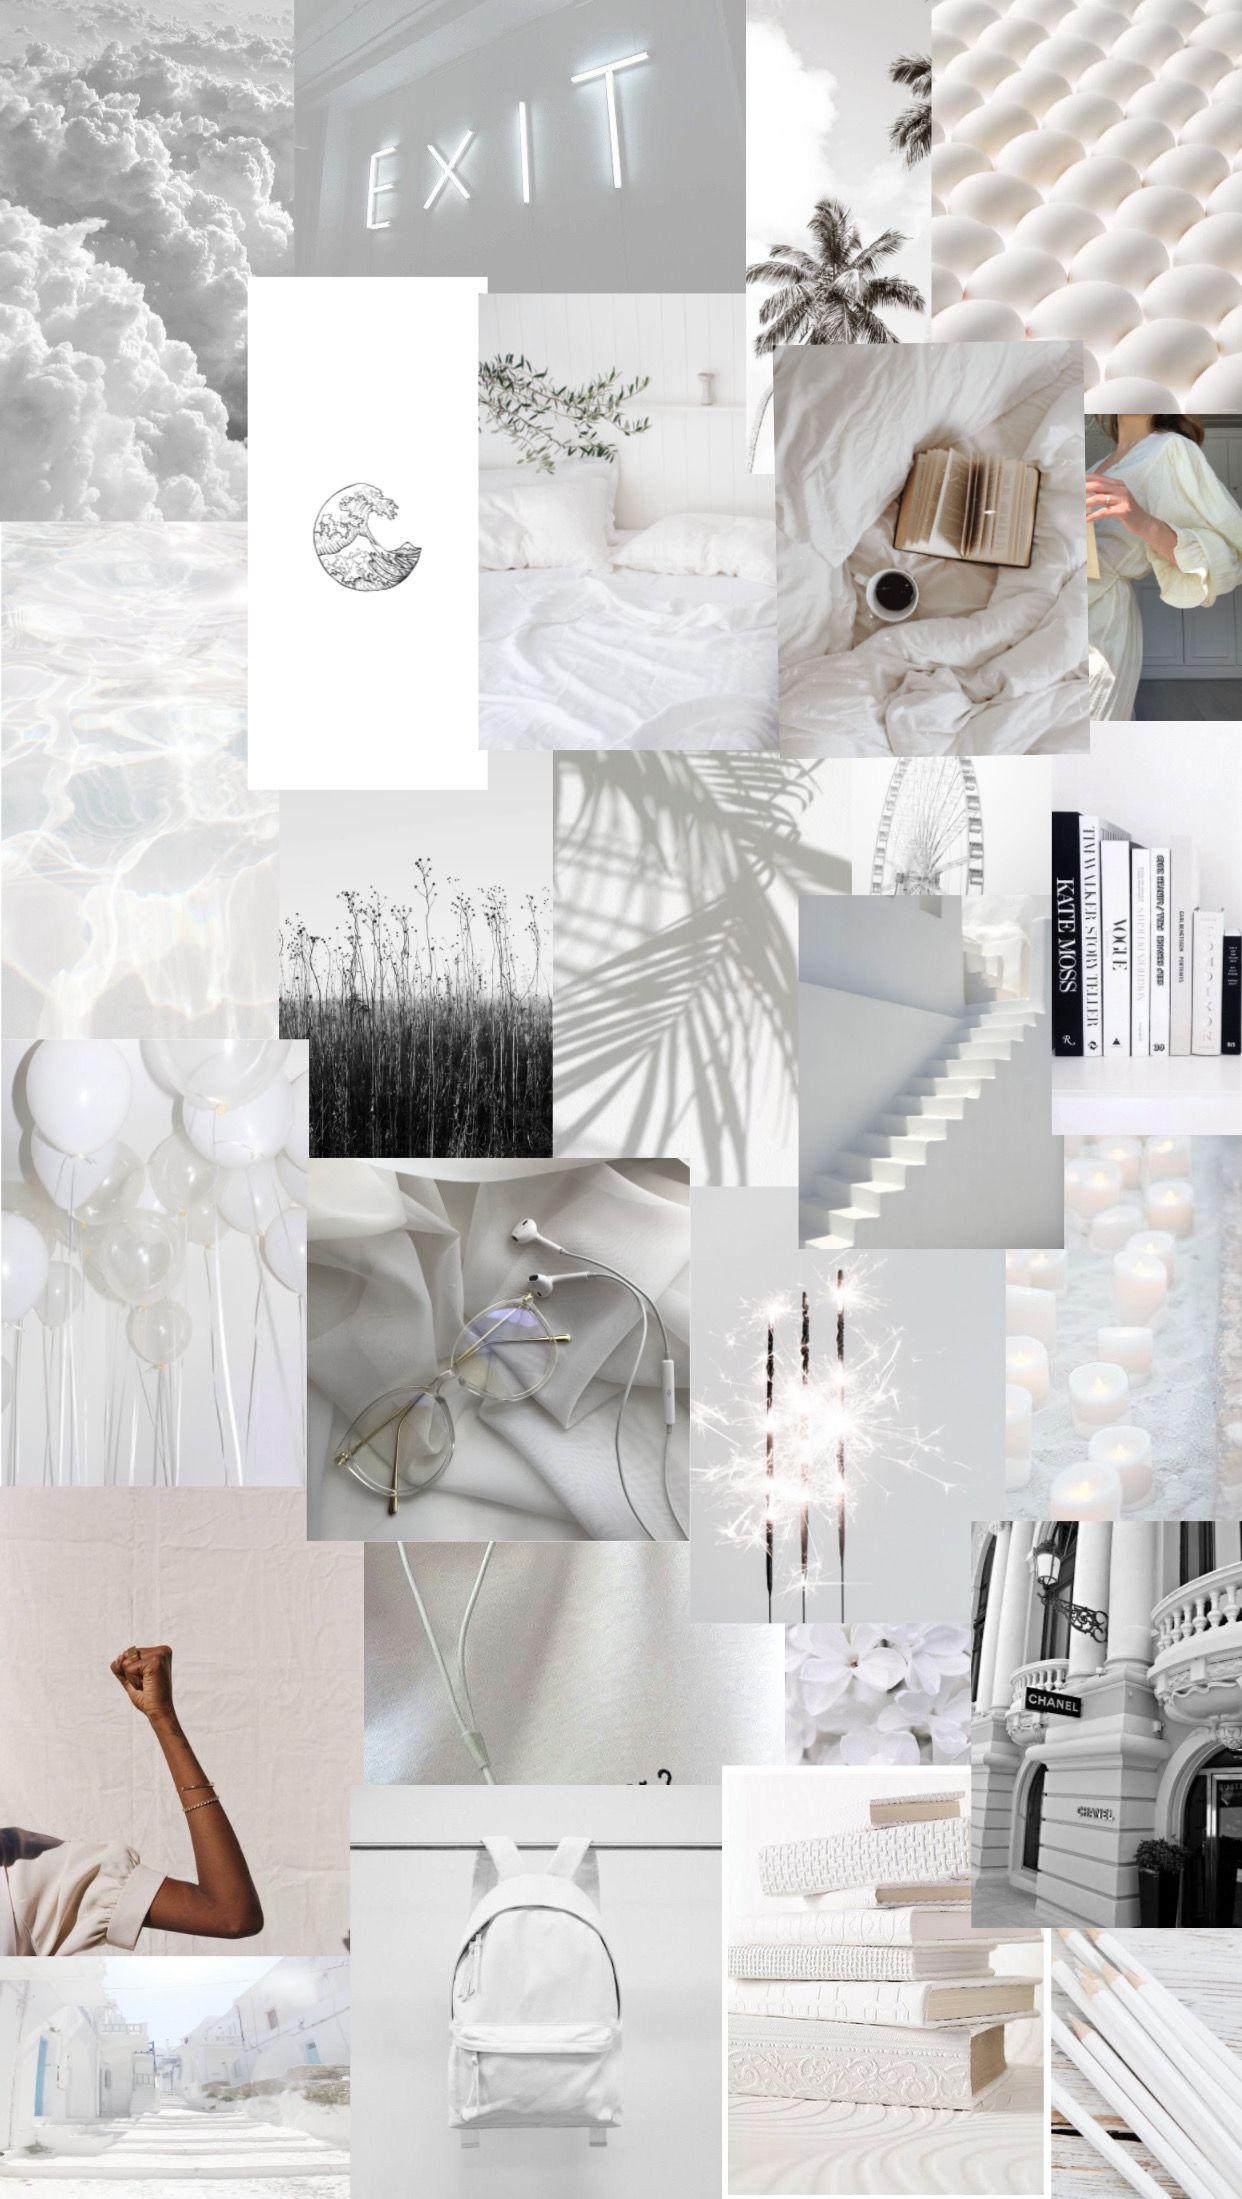 White Collage Bad Girl Wallpaper Aesthetic Iphone Wallpaper White Wallpaper For Iphone